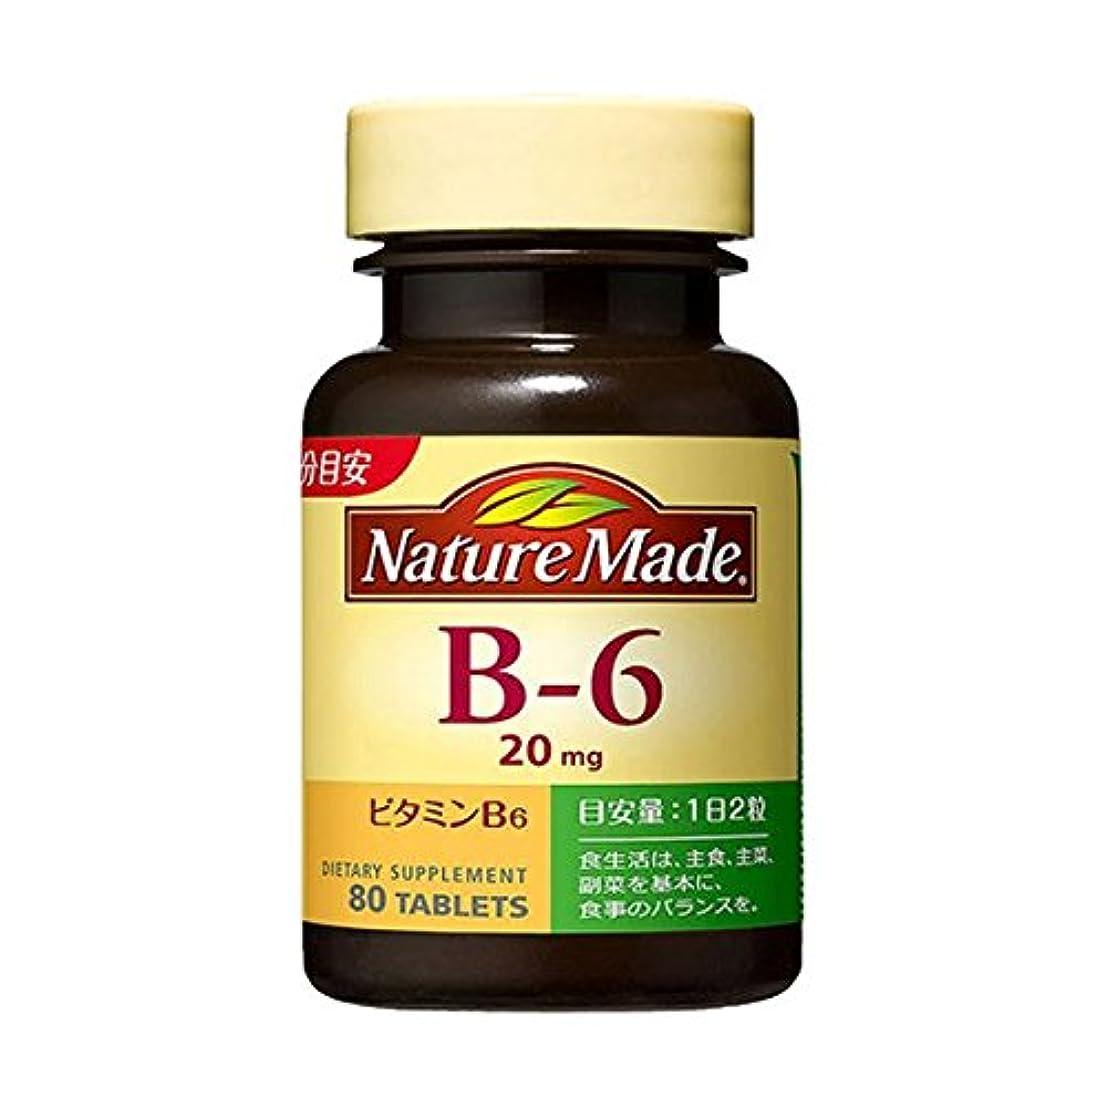 レーダーおばさんバッジ大塚製薬 ネイチャーメイド ビタミンB6 80粒×3個入